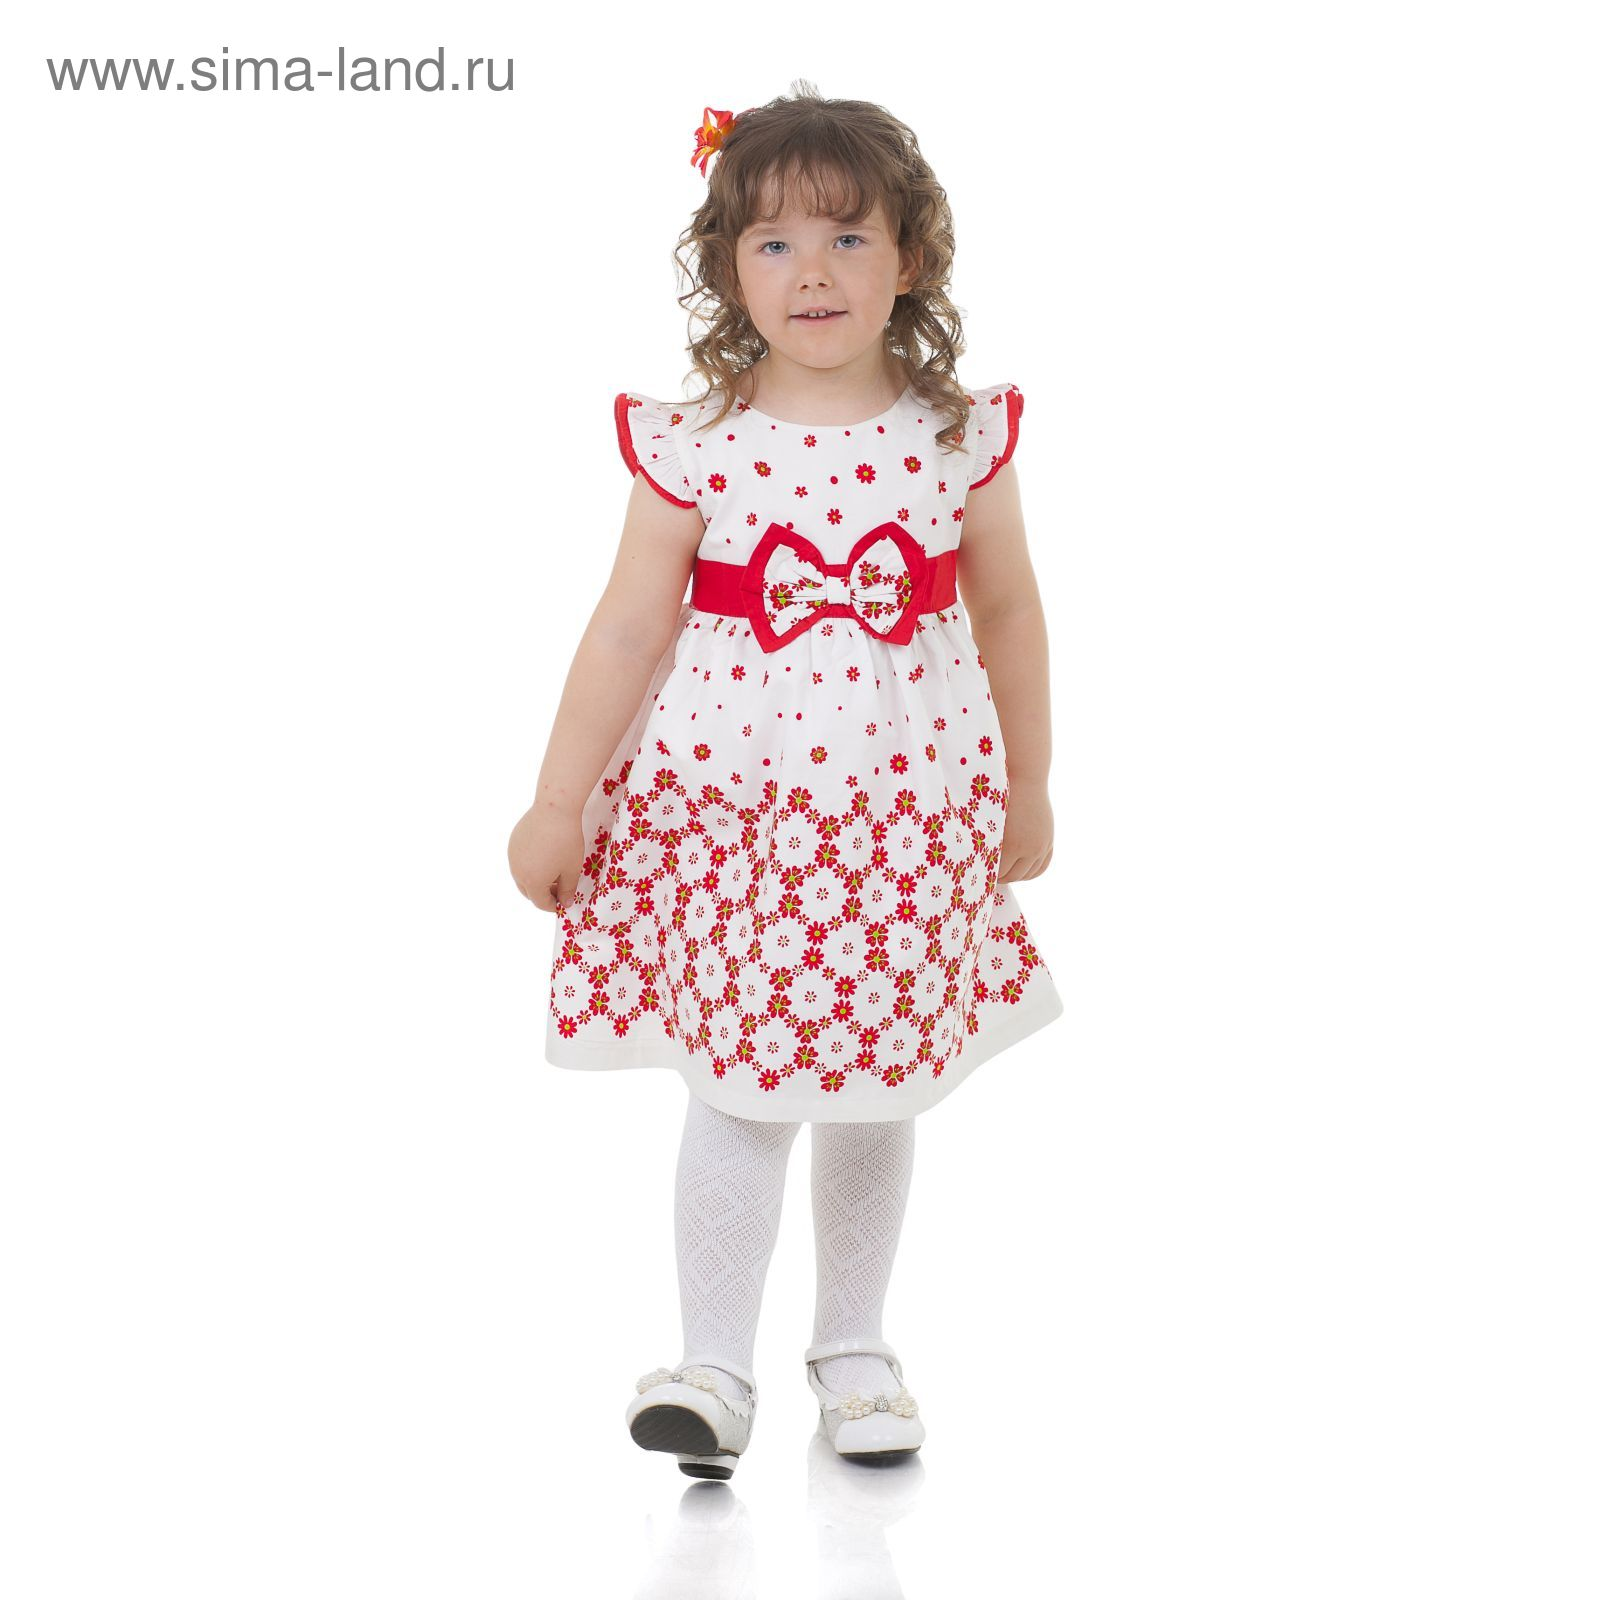 7416523435e Платье нарядное для девочки